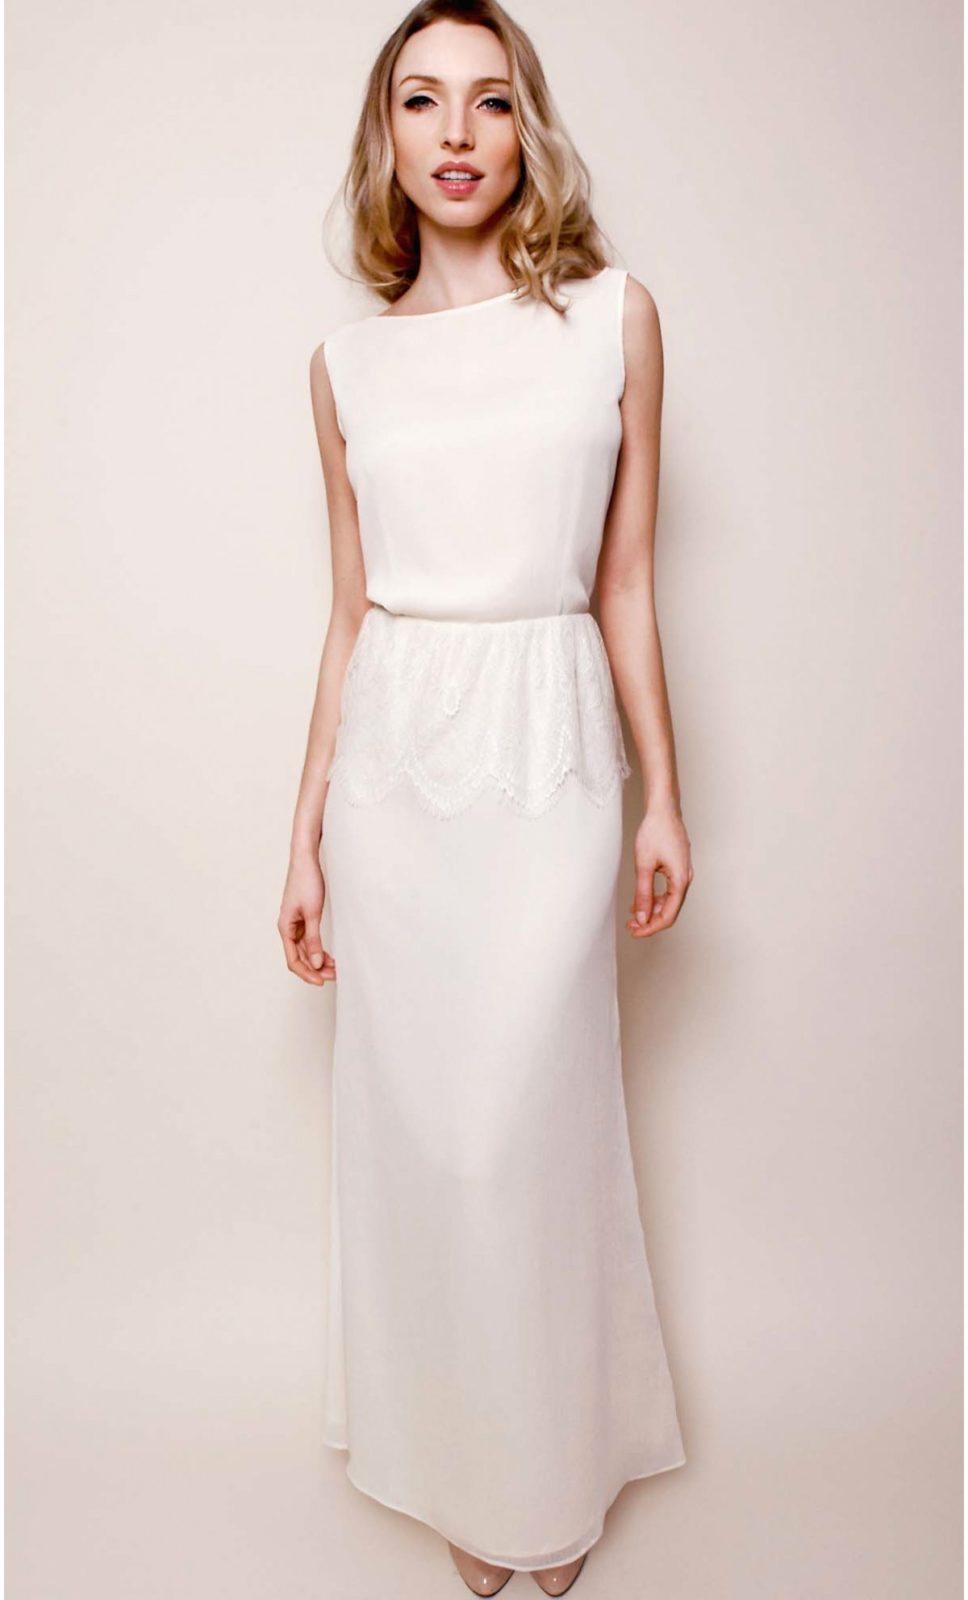 la robe du dimanche une robe blanche longue en soie et dentelle happy chantilly. Black Bedroom Furniture Sets. Home Design Ideas